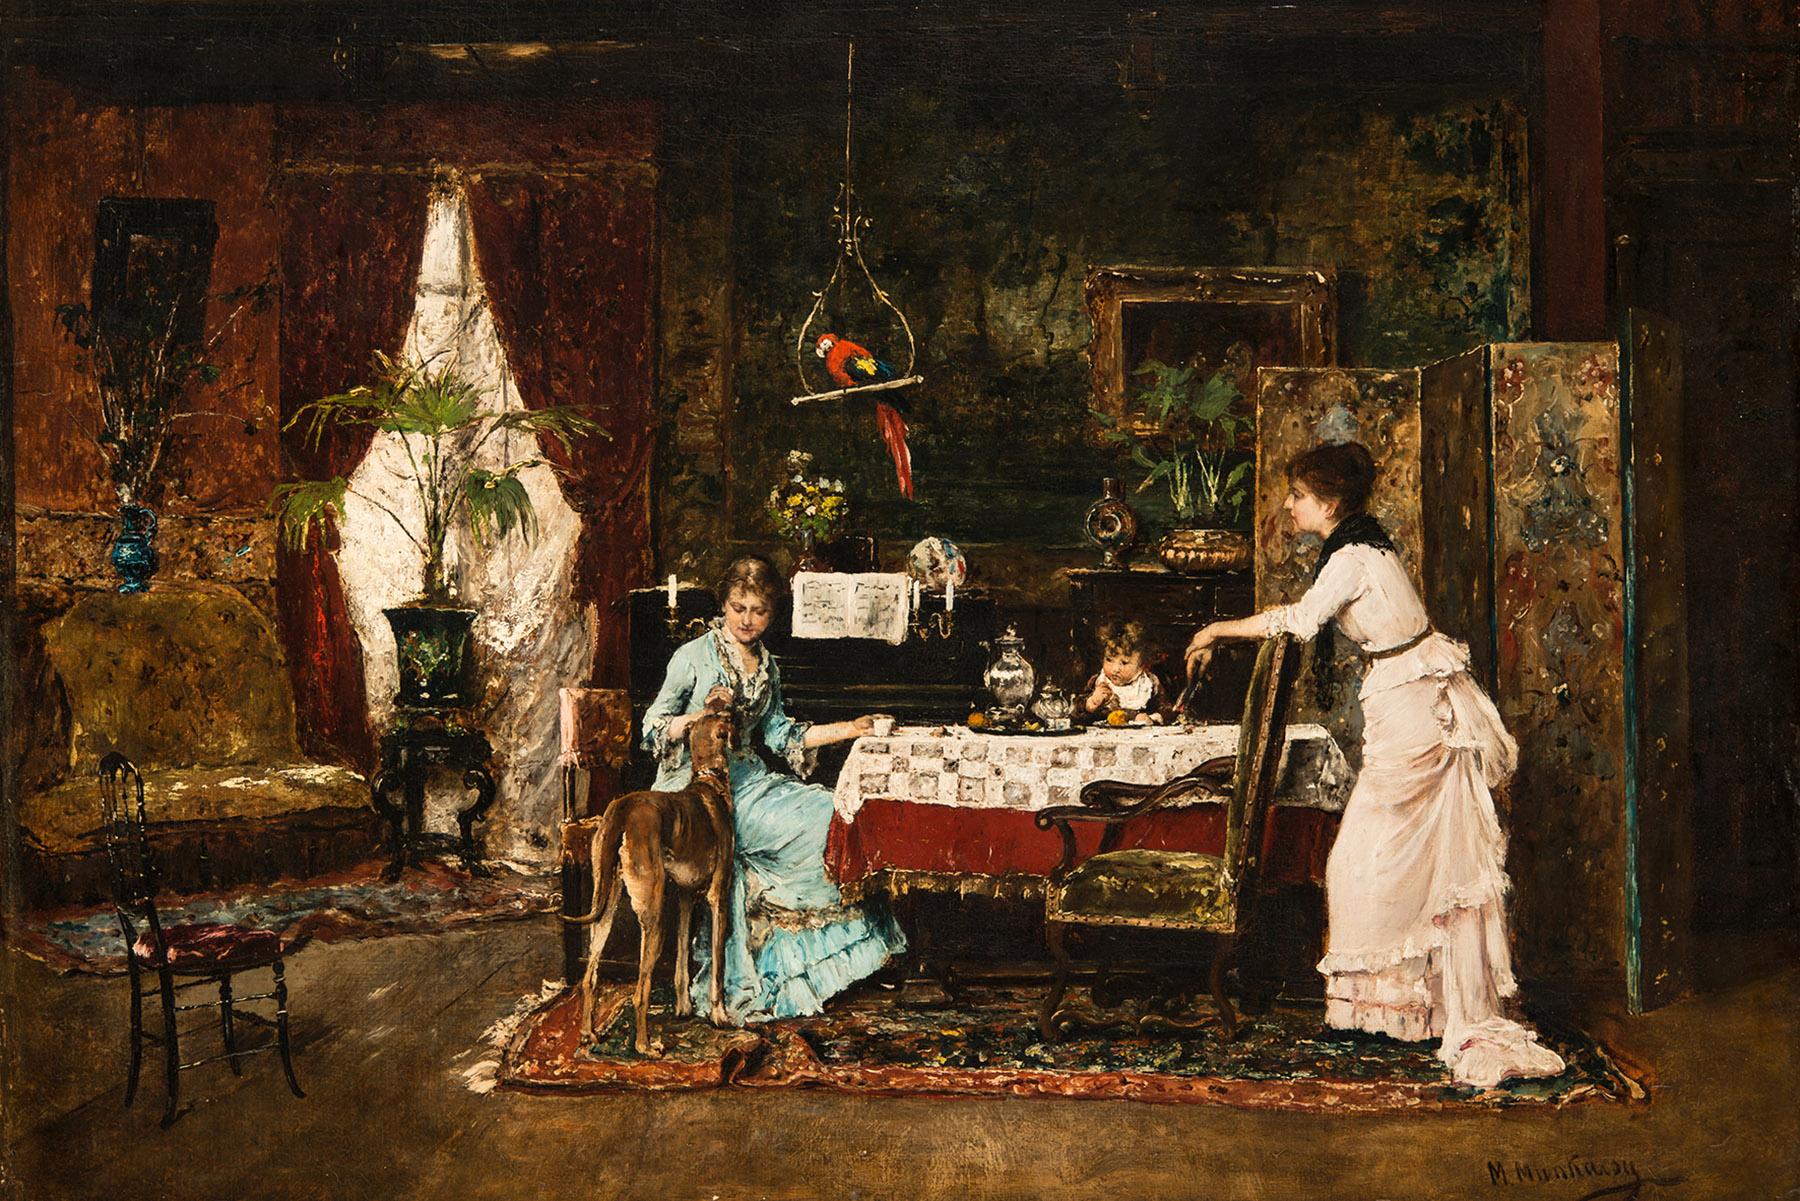 Zwei Frauen mit Kind am Esstisch. Über ihnen ein PApagei, neben ihnen ein Windhund